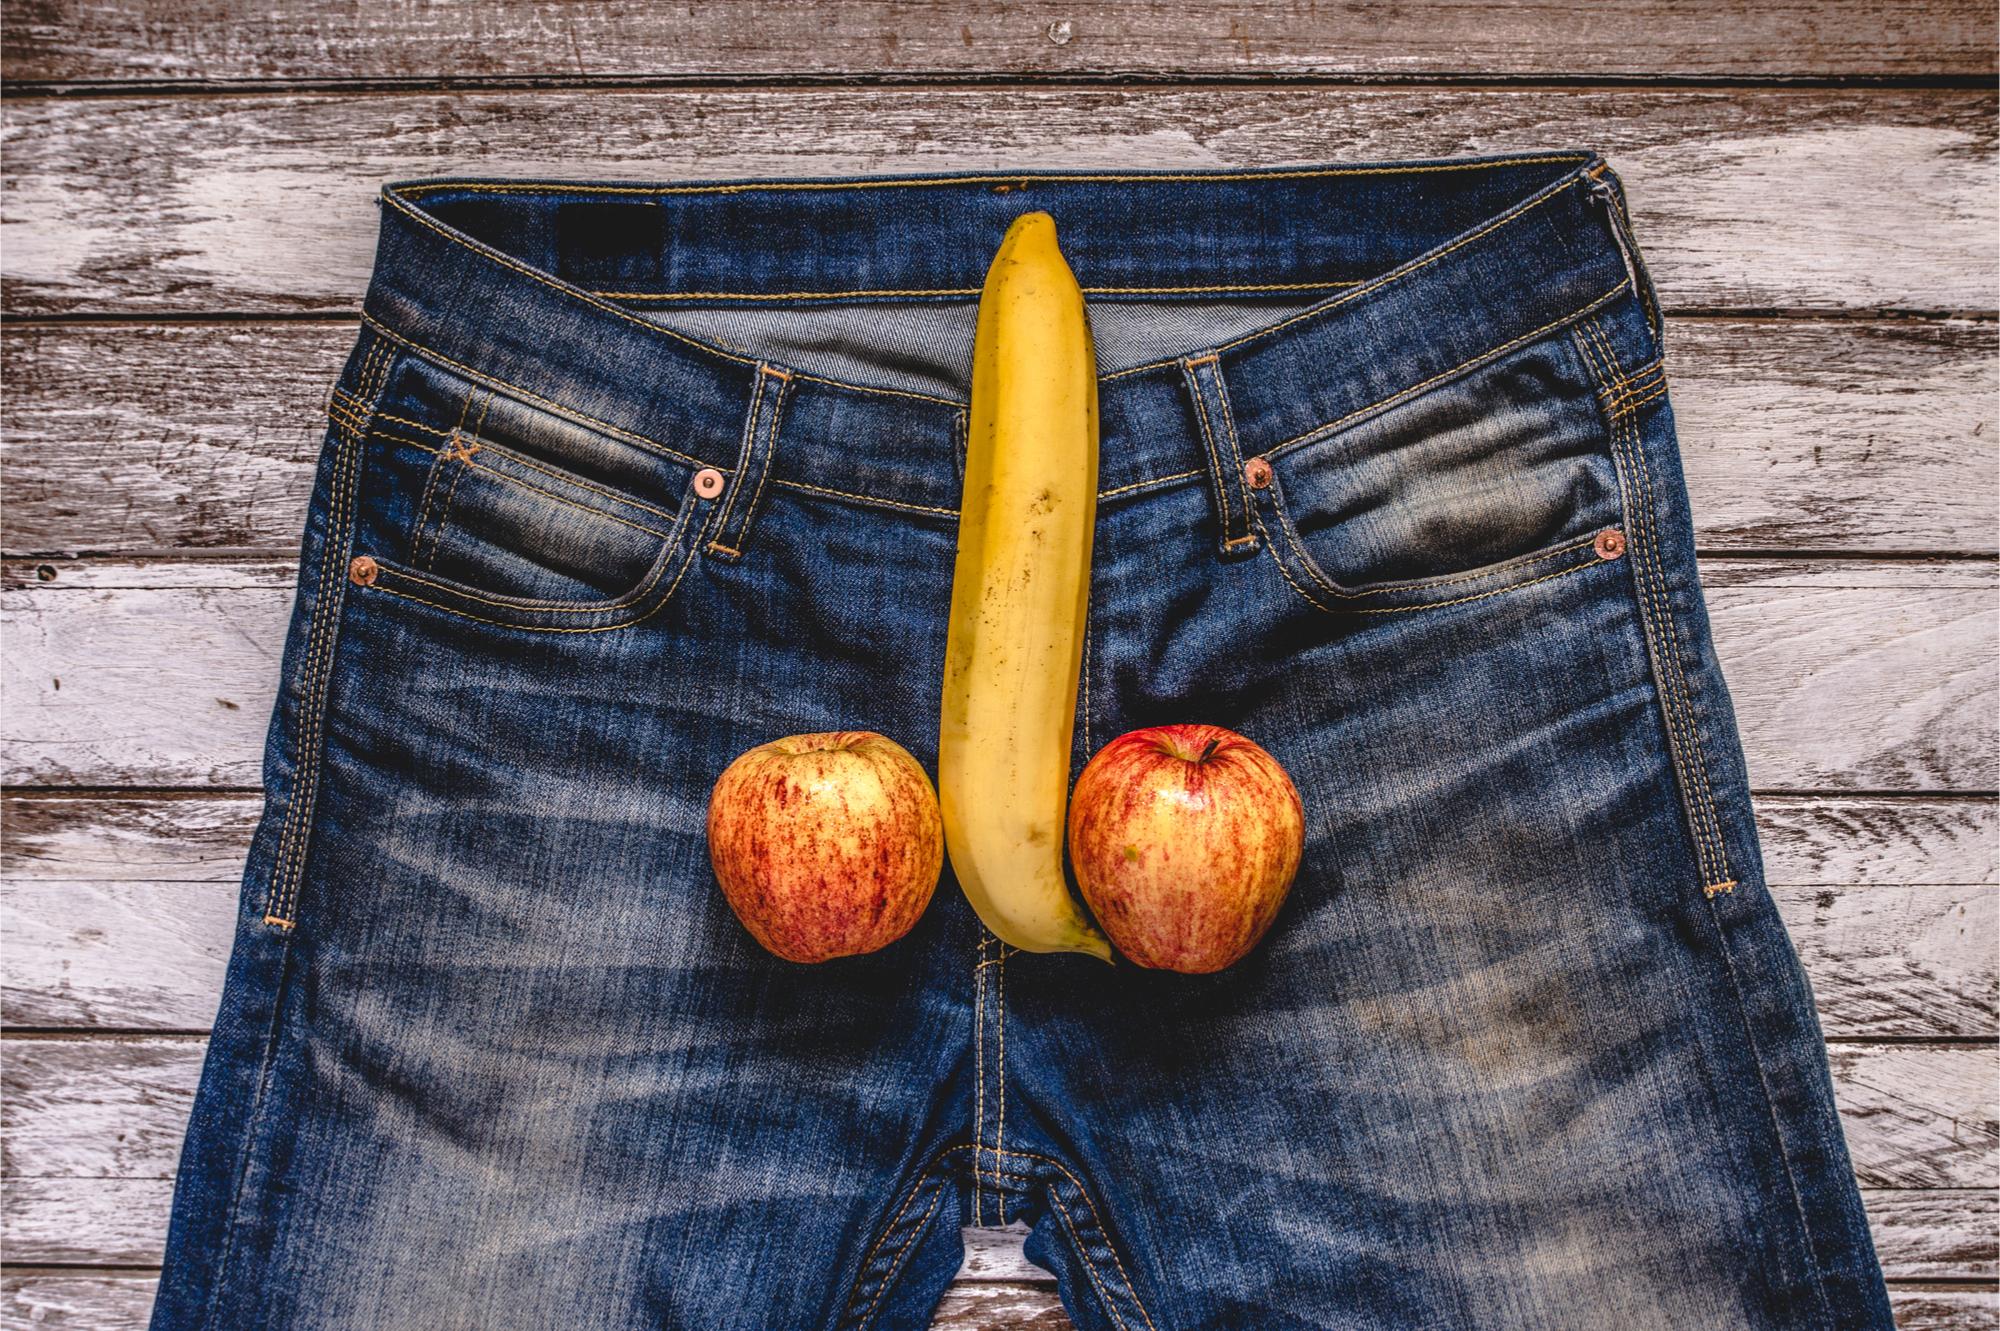 fallosz merevedési állapotban miért vágja el a péniszét